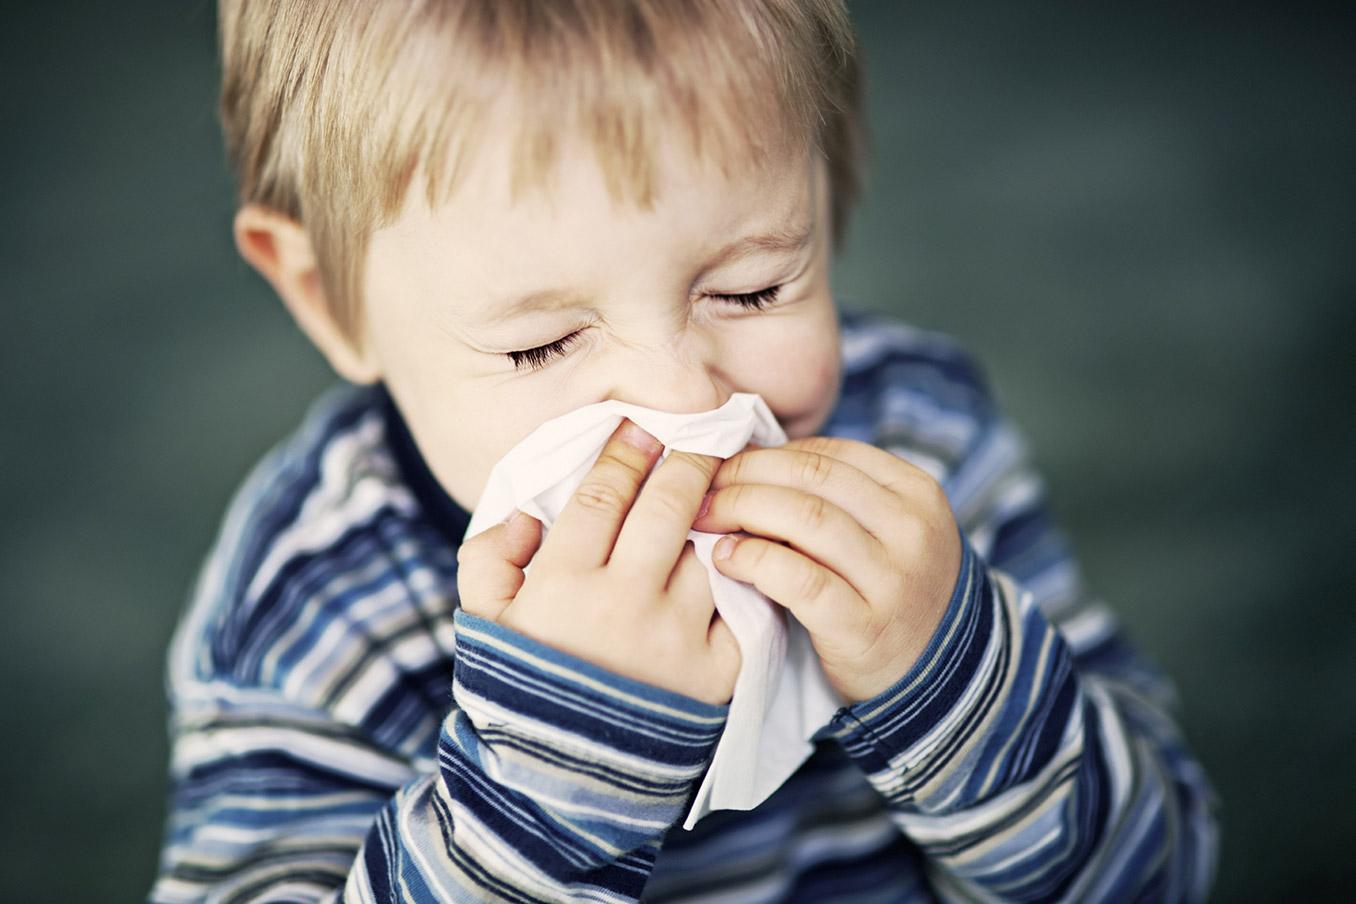 Hos personer med luftveissykdommer og allergiske reaksjoner i luftveiene (allergier, astma og KOLS) kan forhold ved inneklimaet føre til forverring av helseplagene.